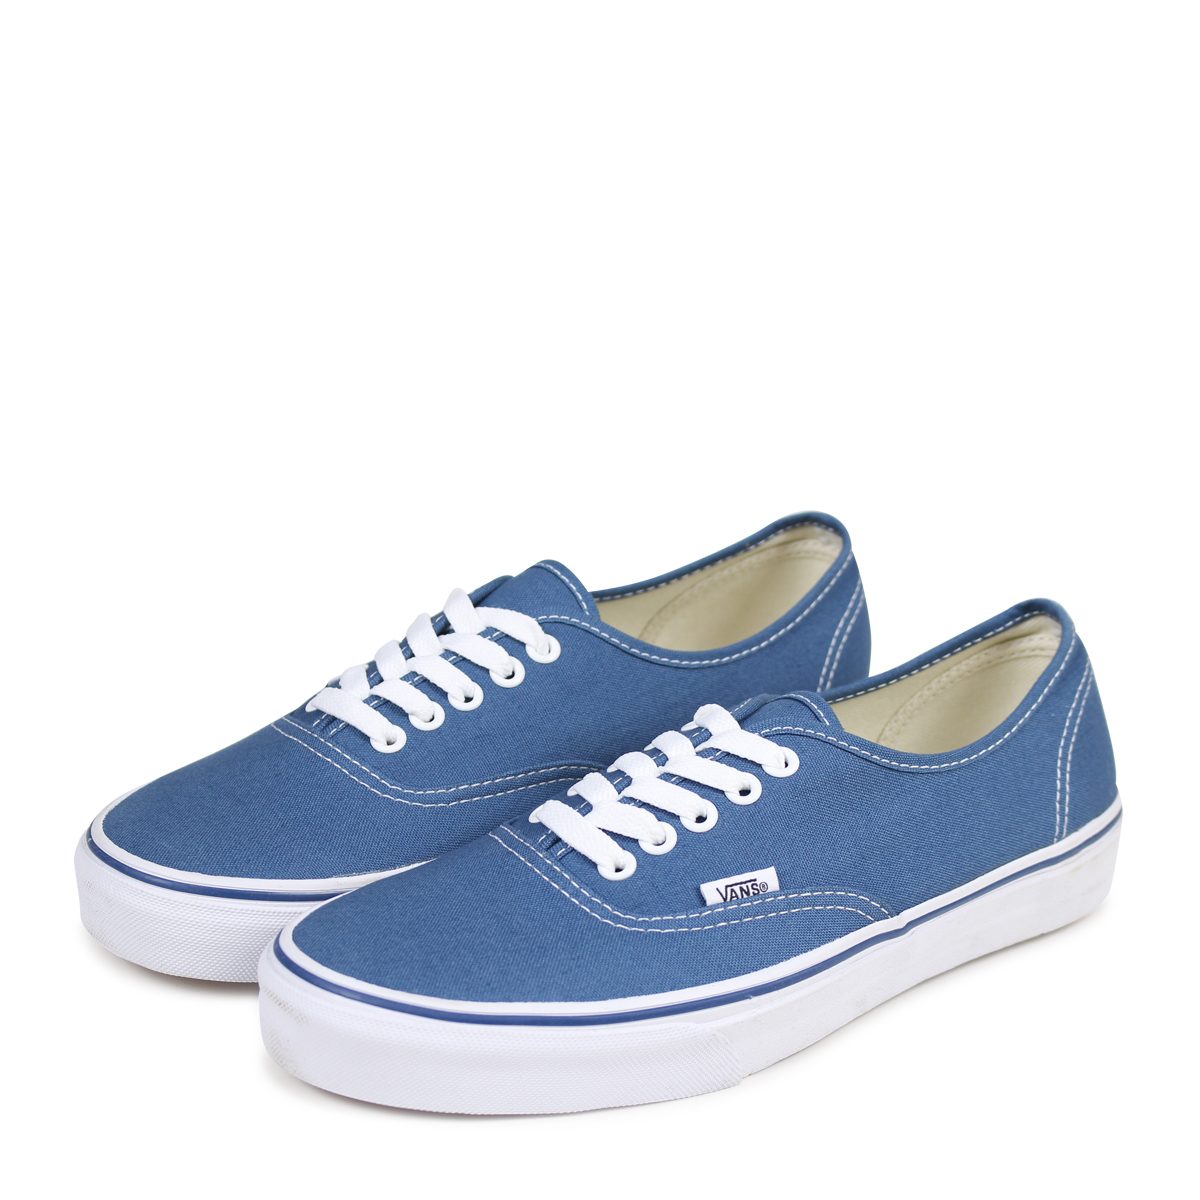 online retailer f839a 5f41d Vans VANS AUTHENTIC sneakers adidas canvas men s VN-0EE3NVY Navy ...